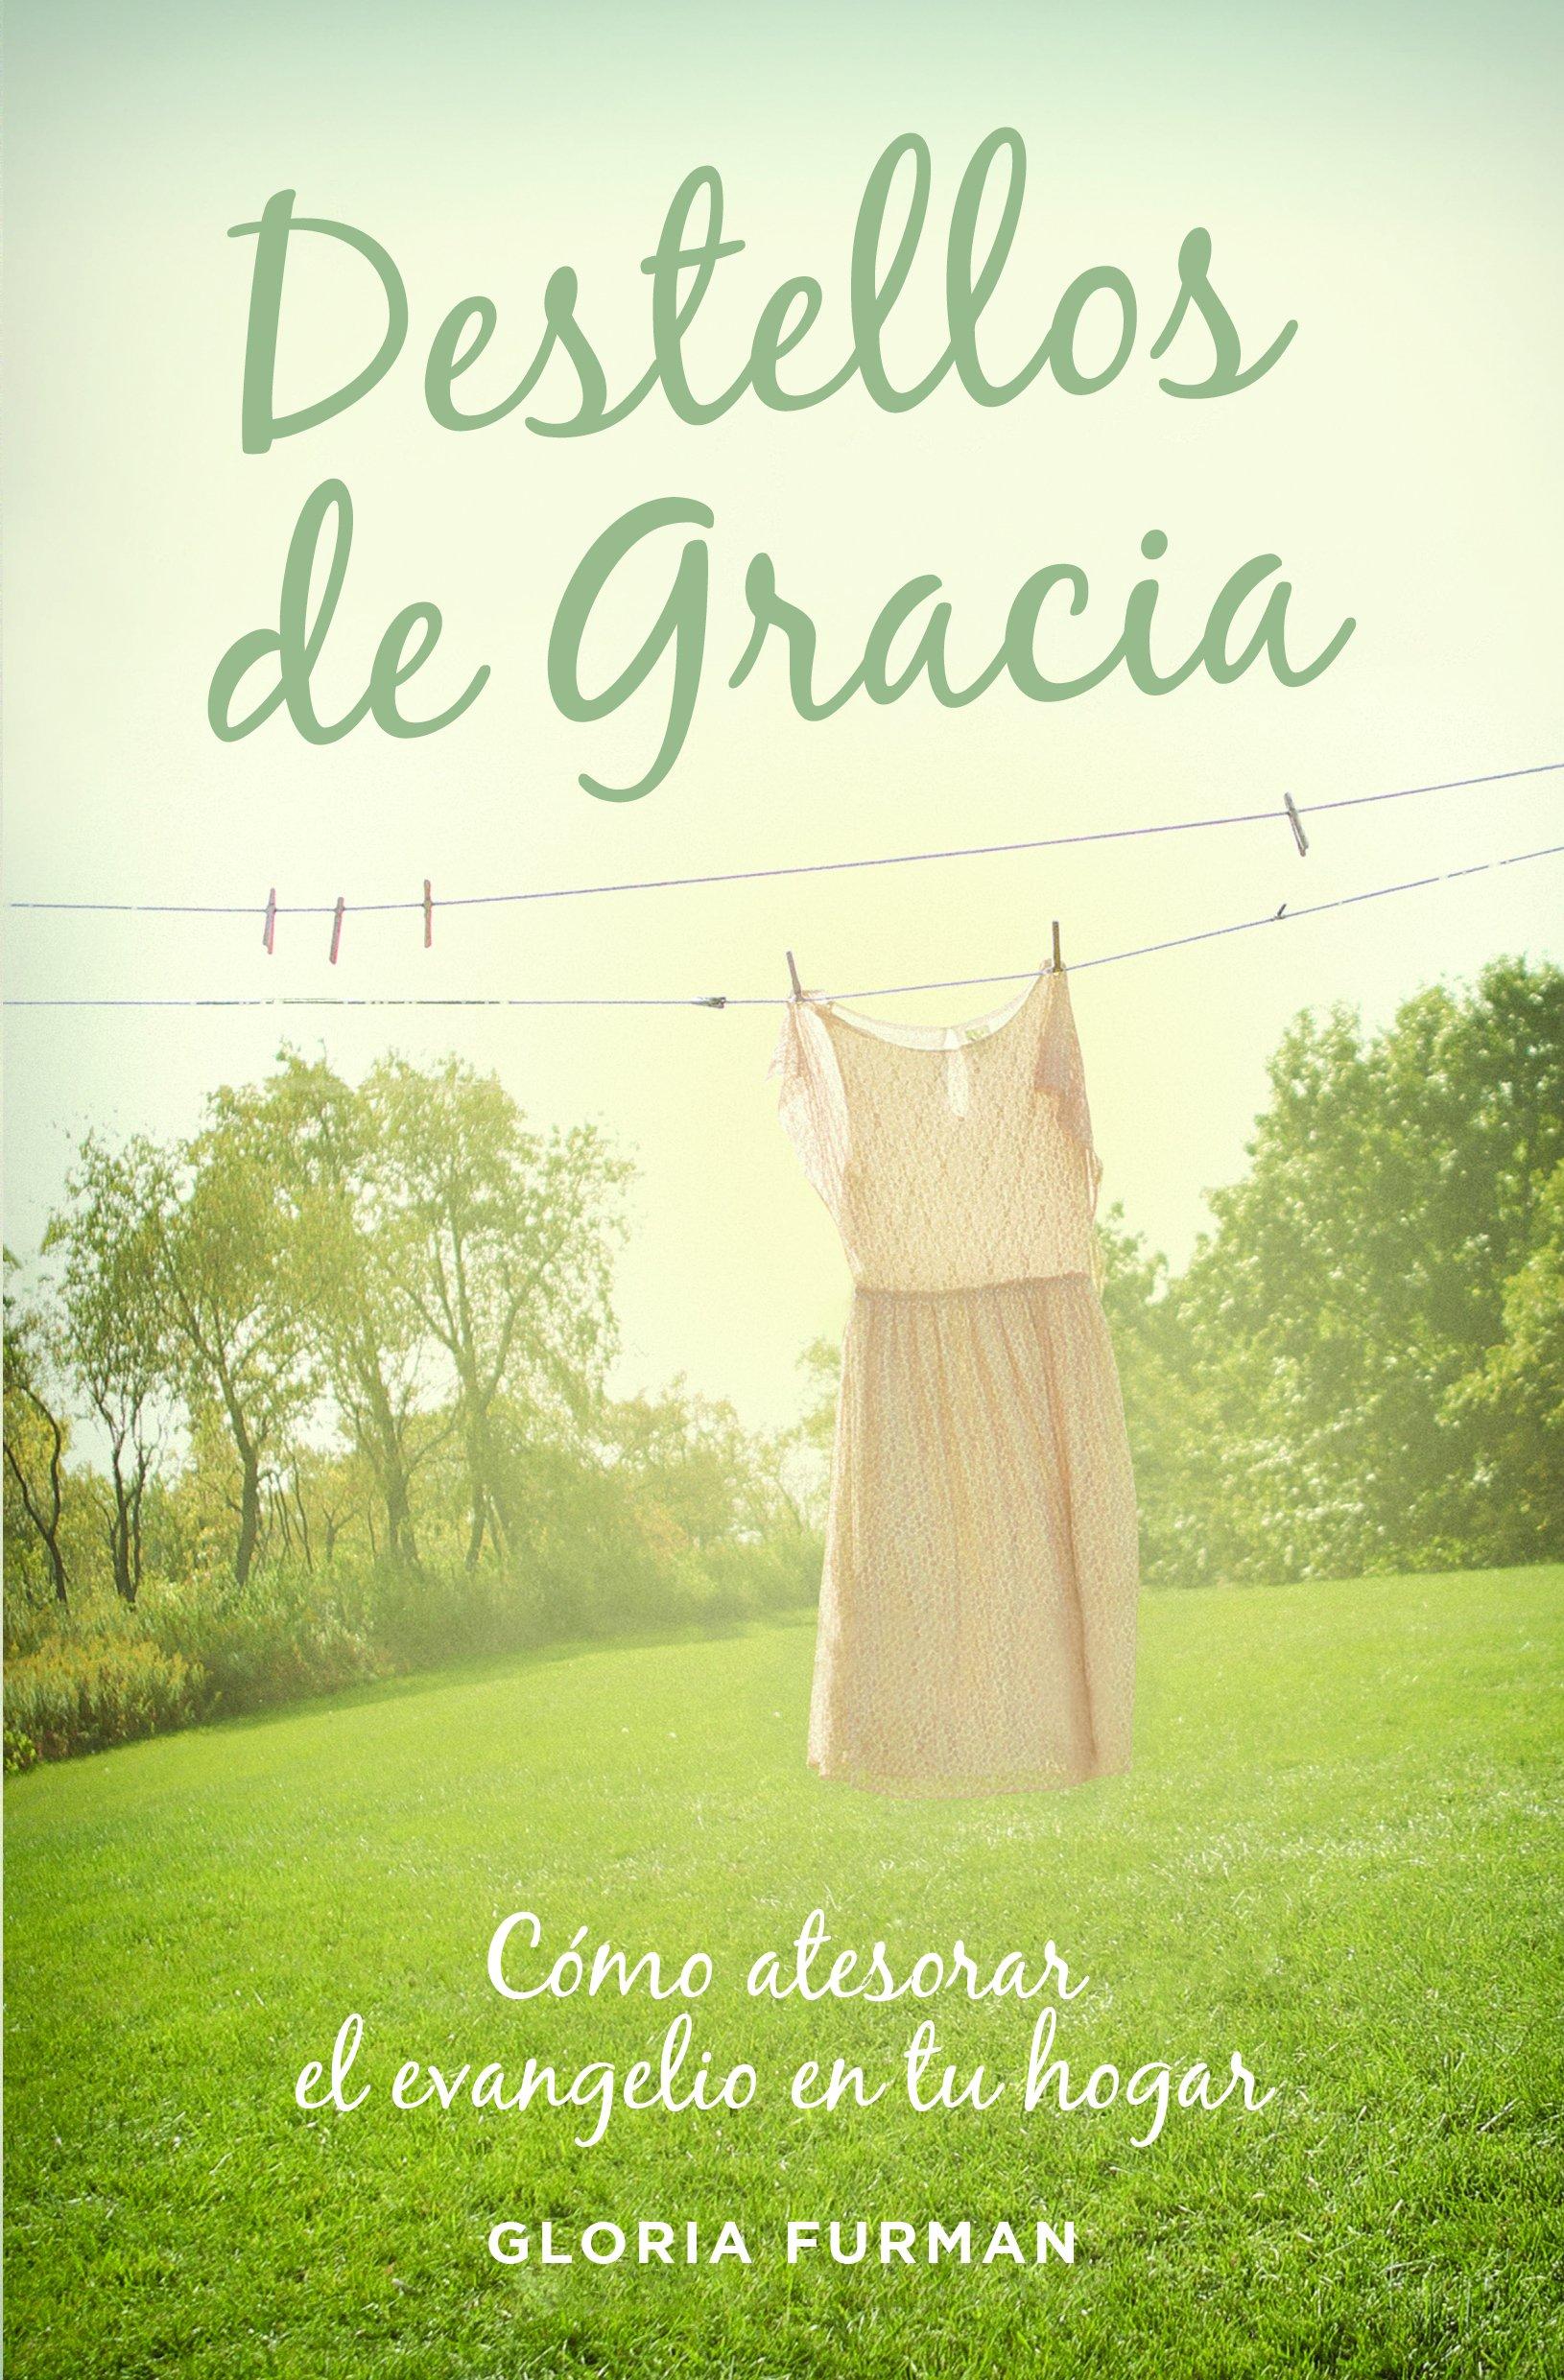 Destellos de Gracia: Cómo atesorar el evangelio en tu hogar (Spanish Edition): Gloria Furman, Poiema Publicaciones: 9781944586379: Amazon.com: Books